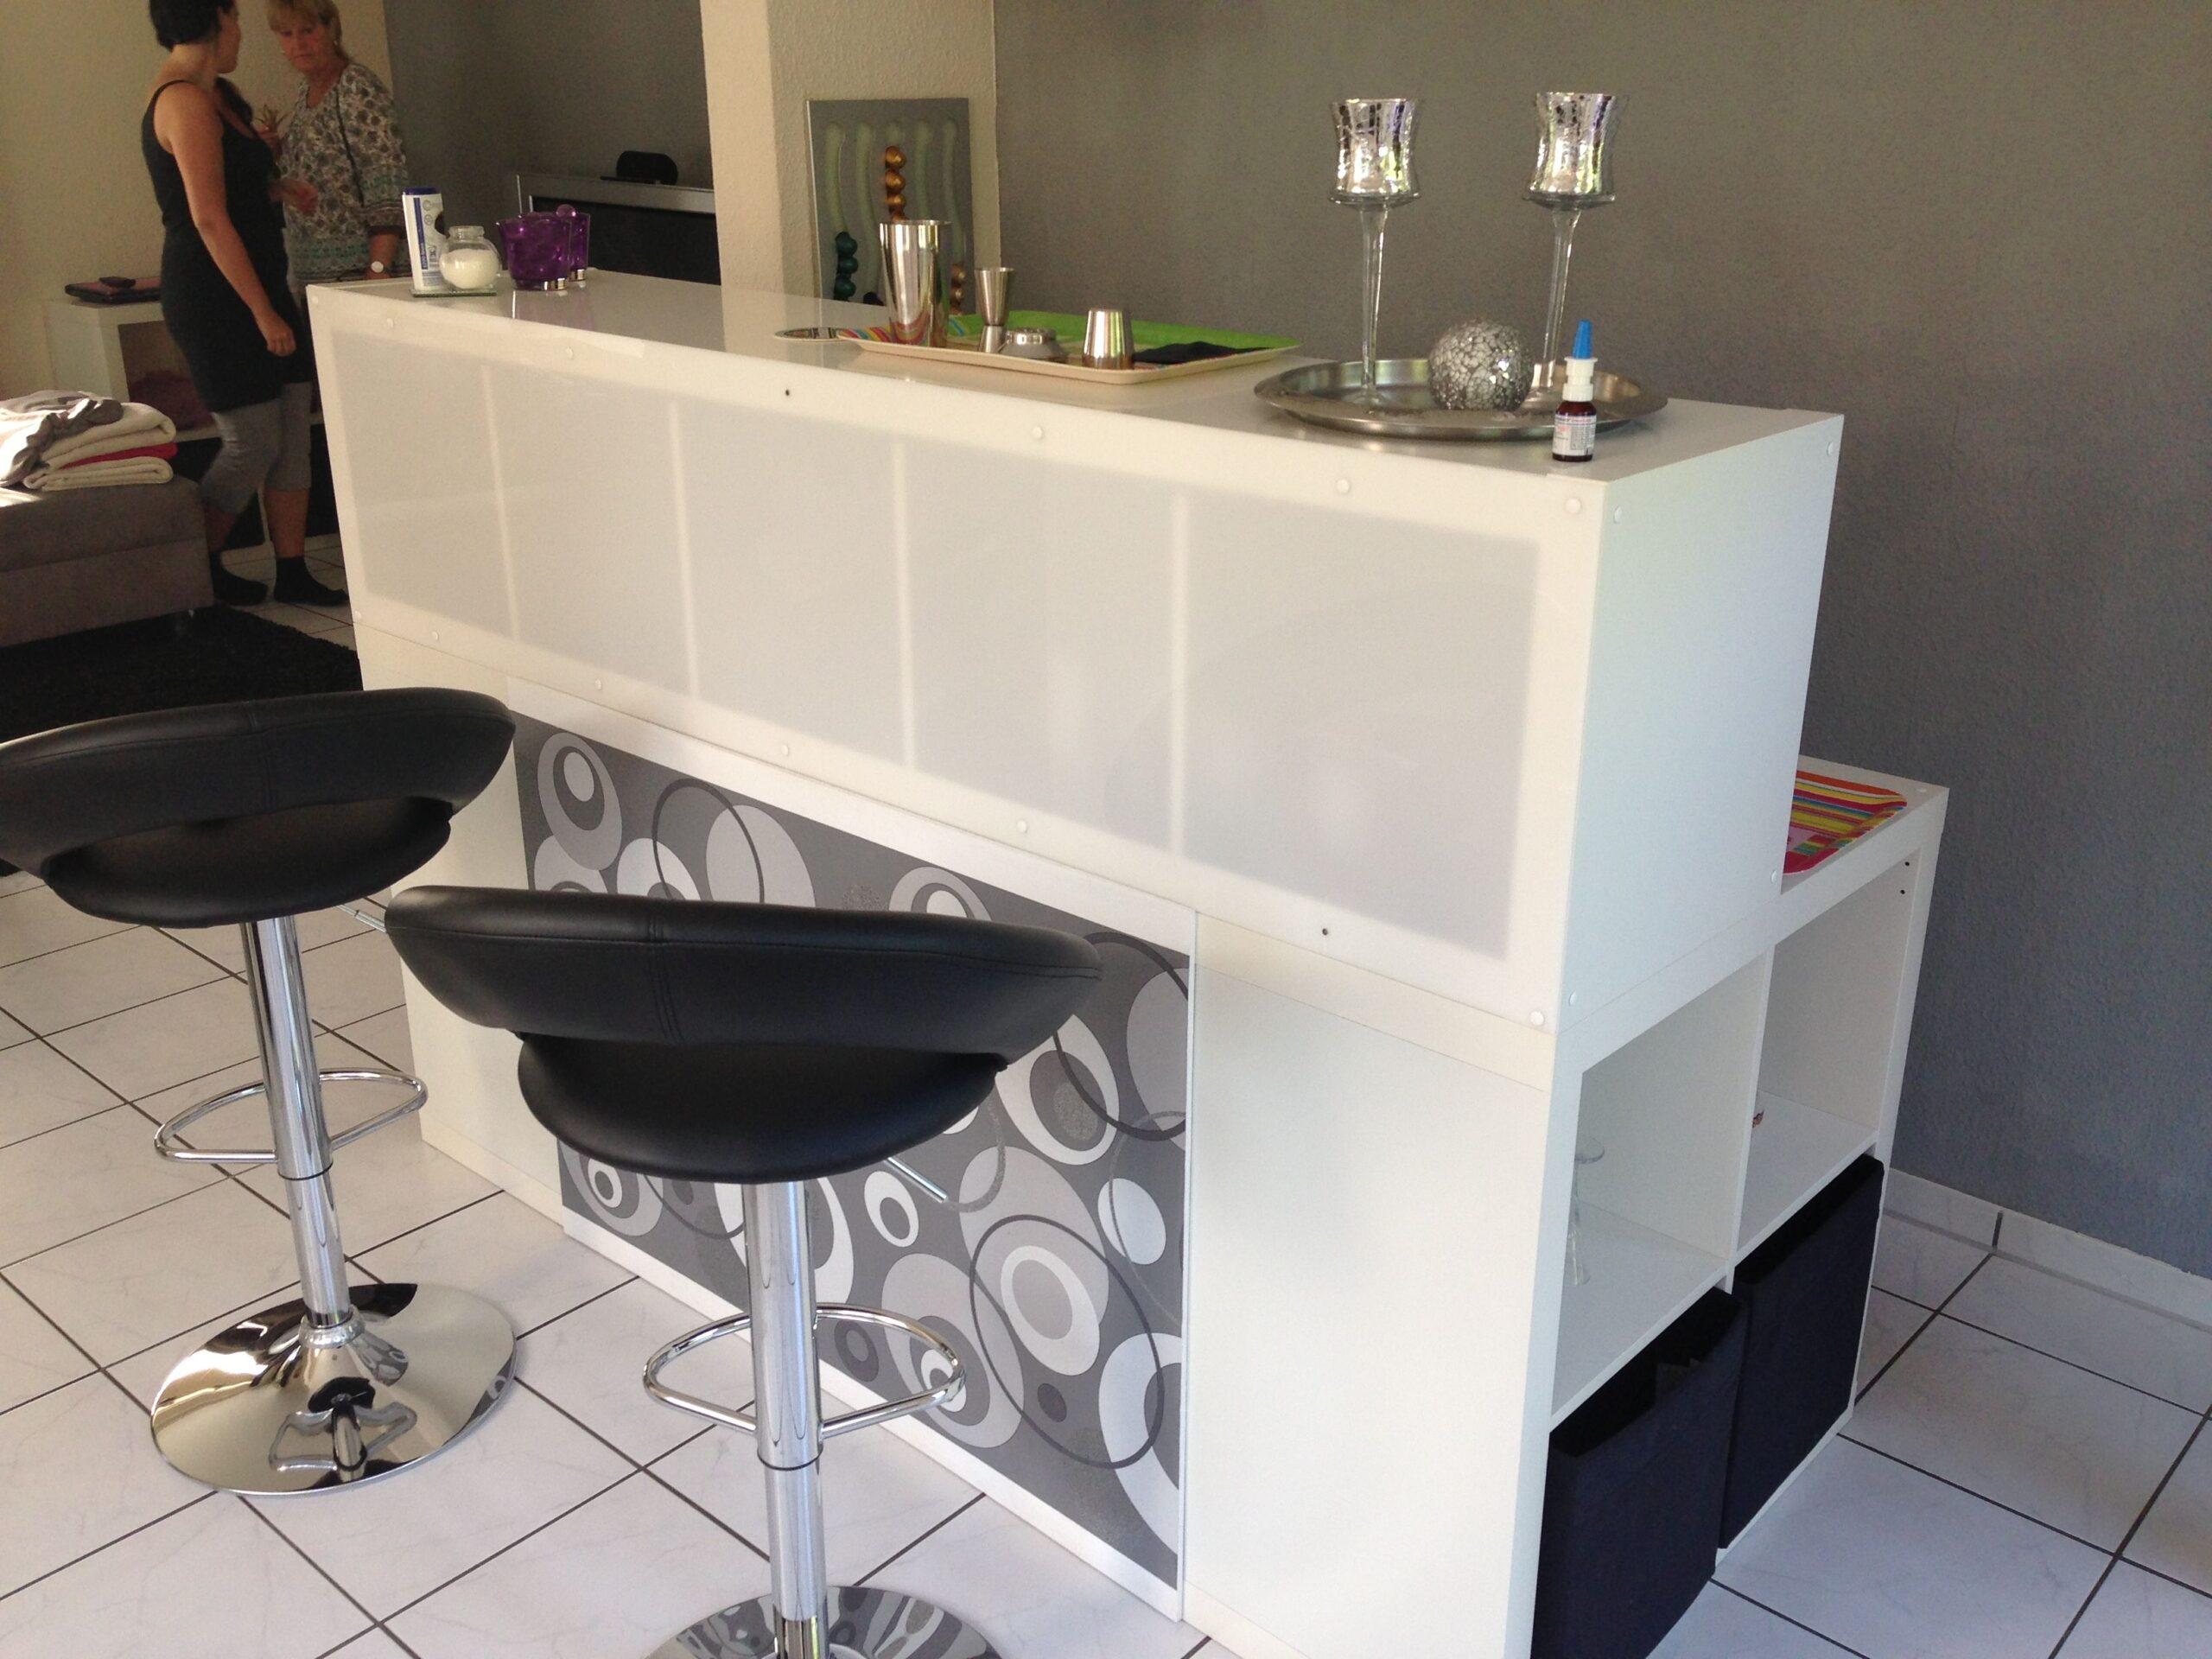 Full Size of Expedit Bar Ikea Ideen Betten Bei Sofa Mit Schlaffunktion Küche Kaufen 160x200 Modulküche Kosten Miniküche Wohnzimmer Ikea Küchentheke